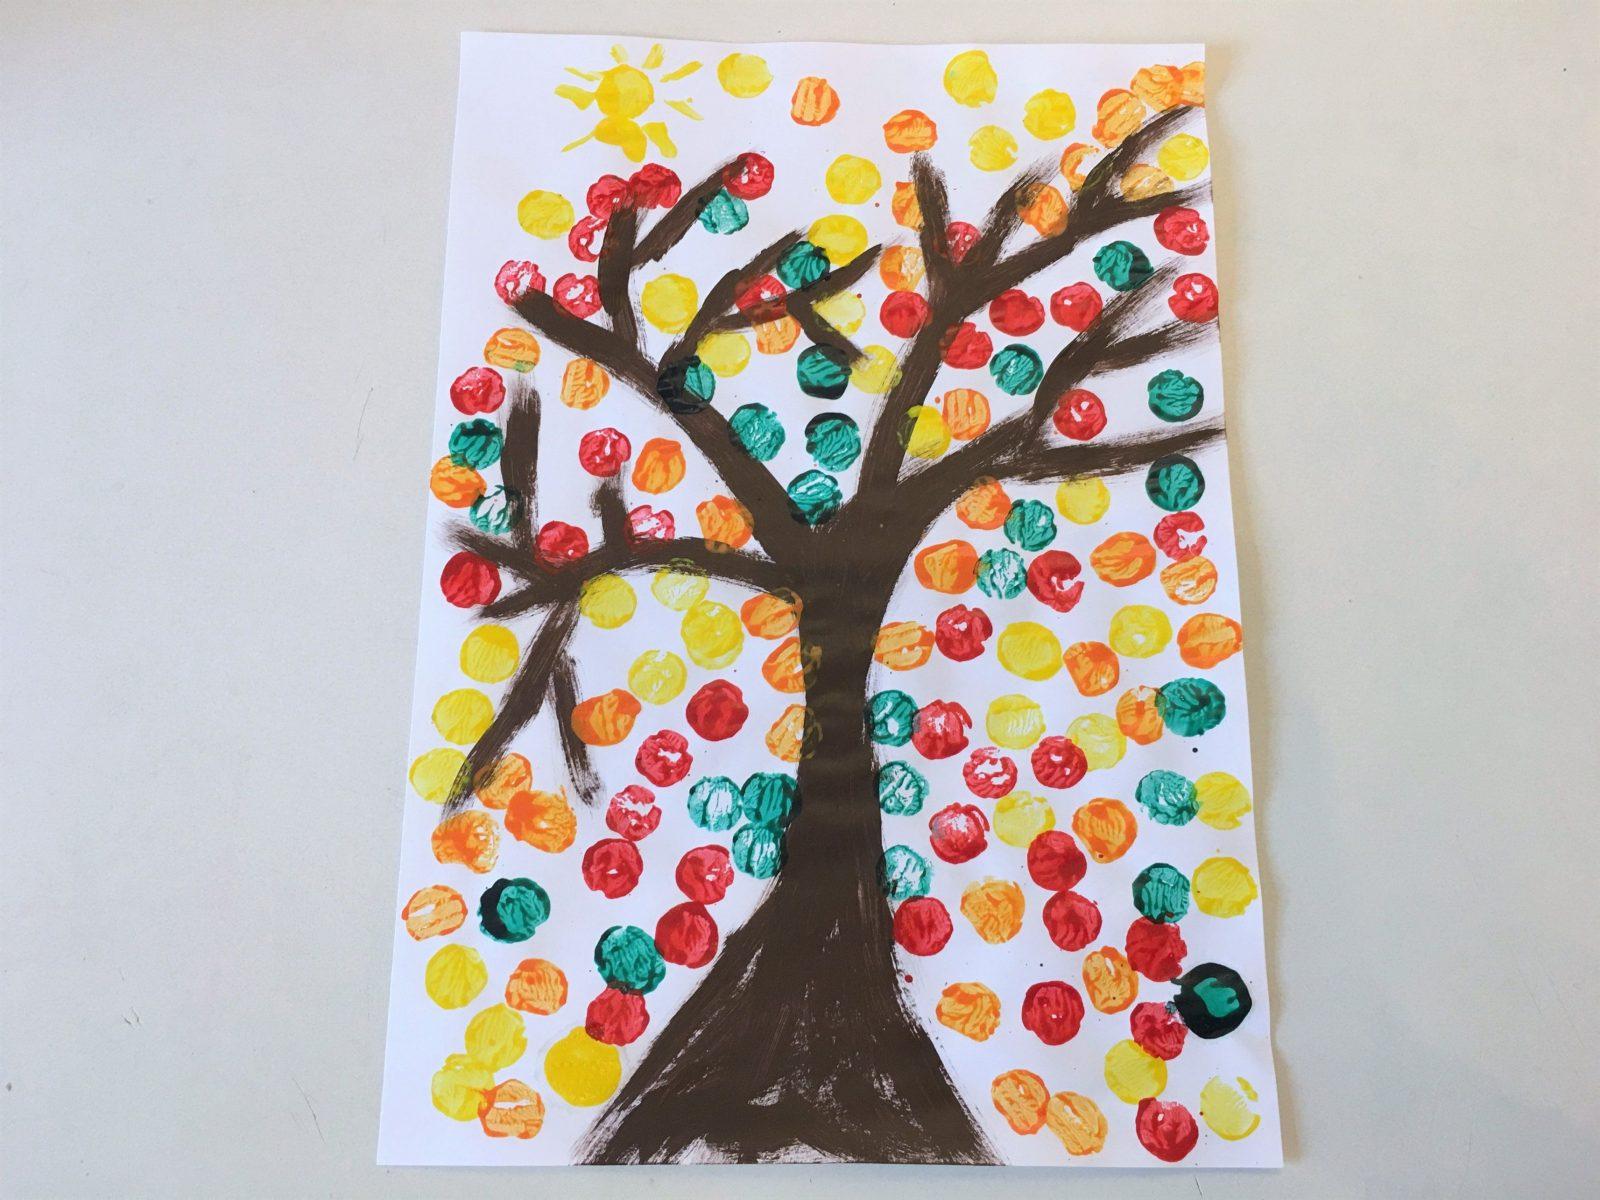 Herbstbaum Mit Korken Gestalten  Basteln Mit Kindern  Der von Bilder Gestalten Mit Kindern Bild